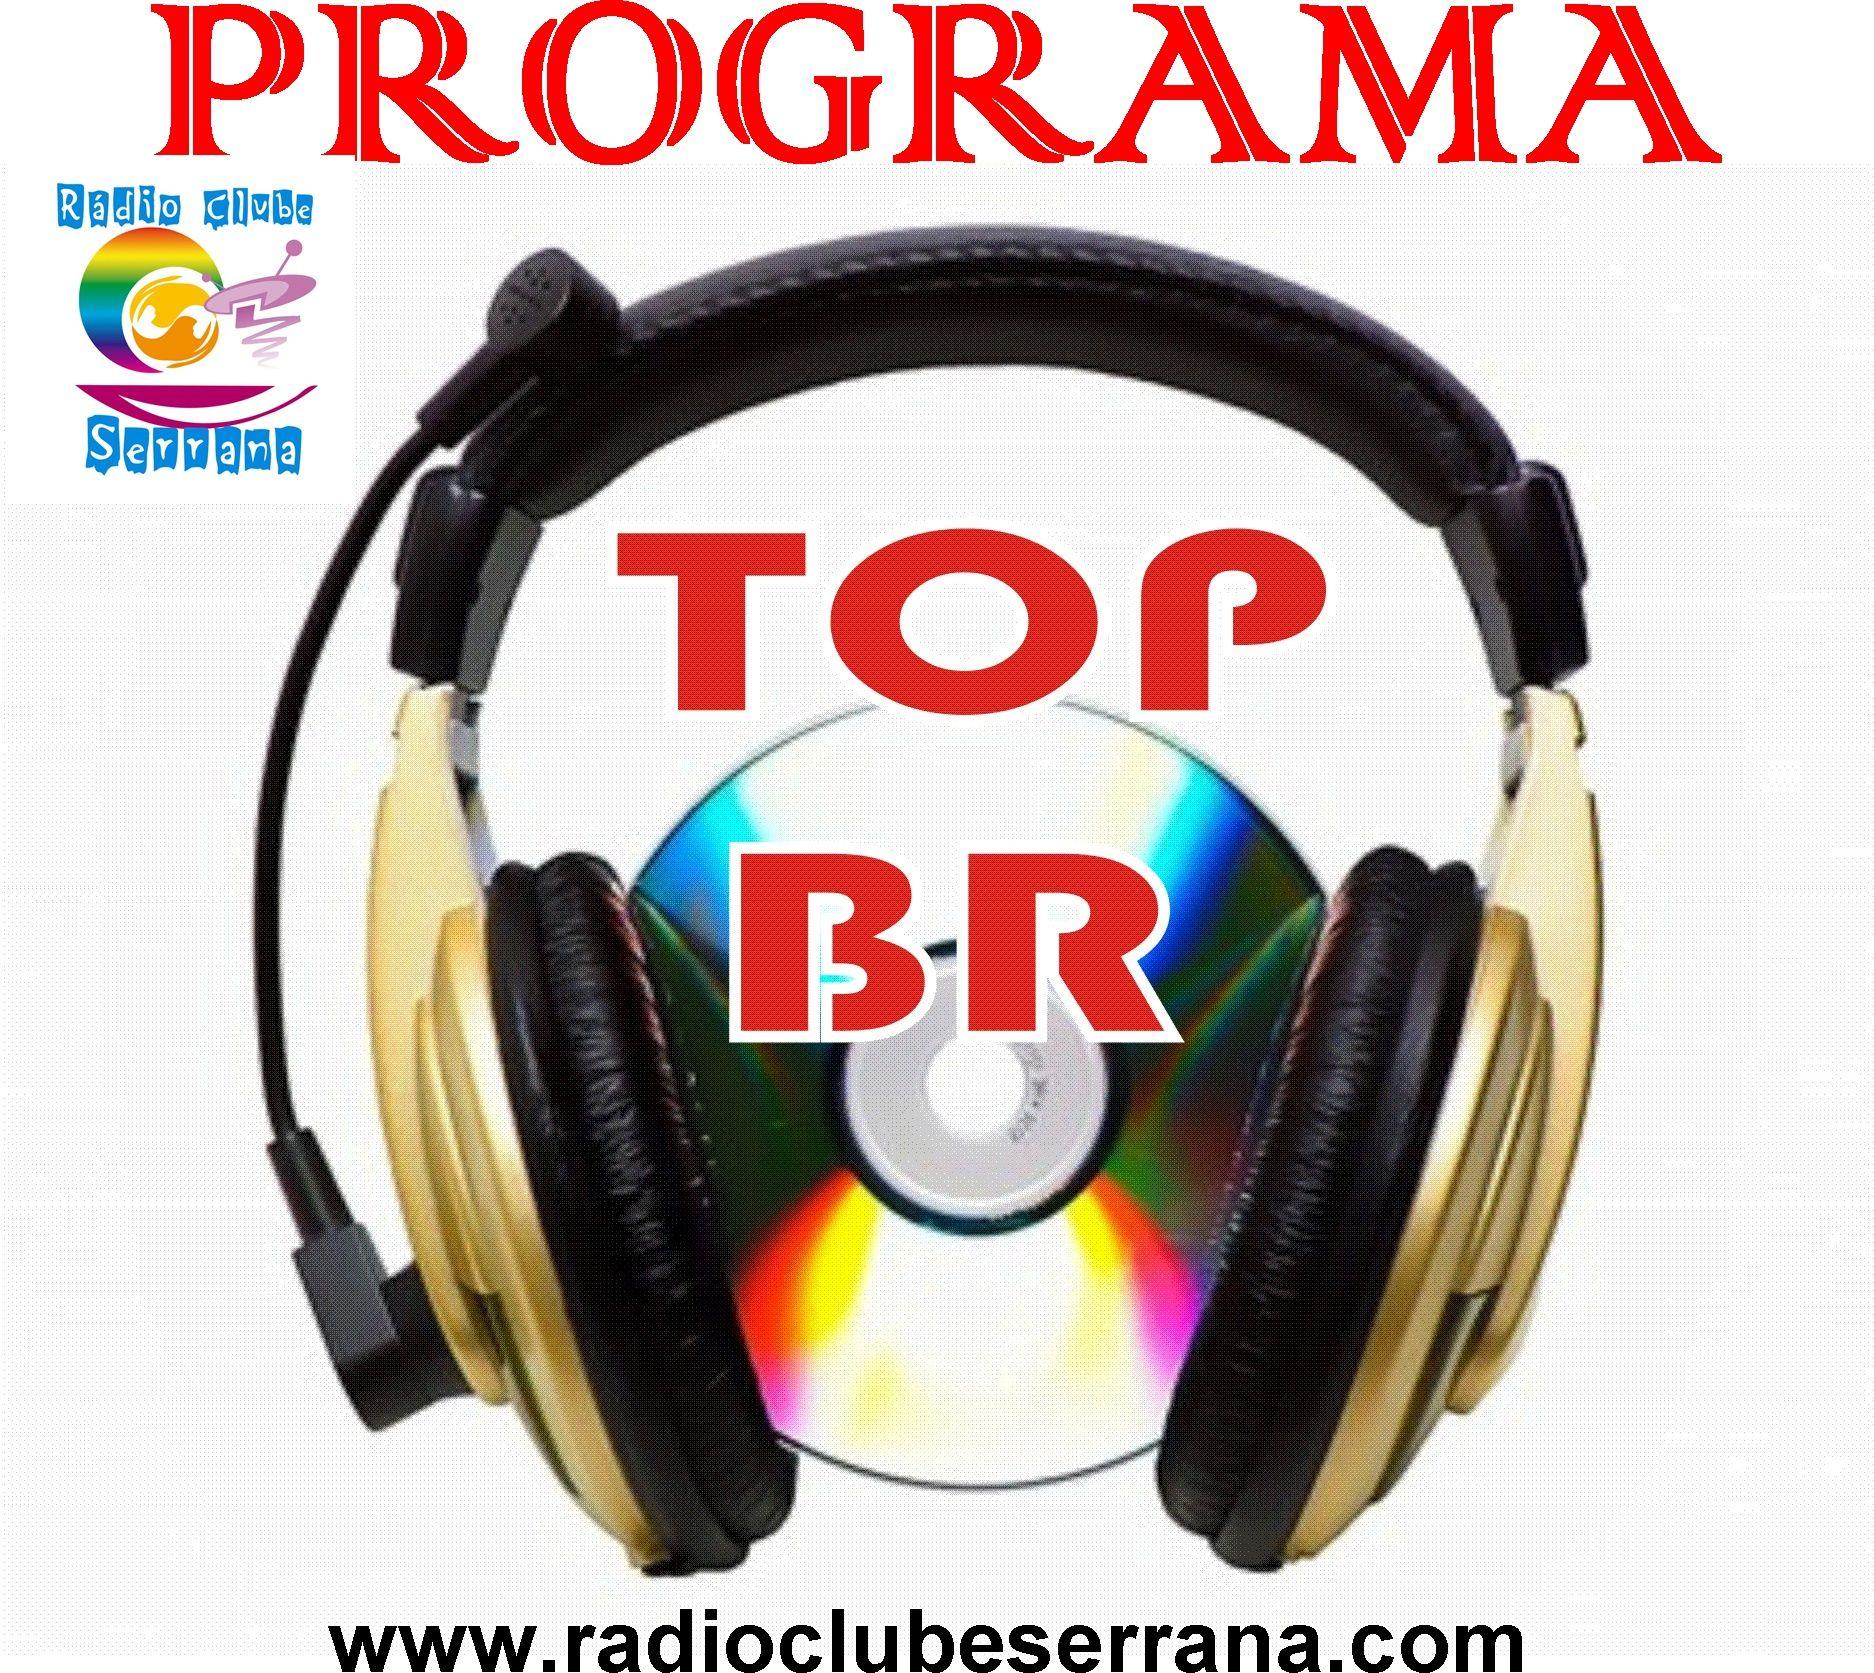 Programa Top Br de segunda a sexta com Wilson Lopes No PC www.radioclubeserrana.com No celular www.radioclubeserrana.com/mobile